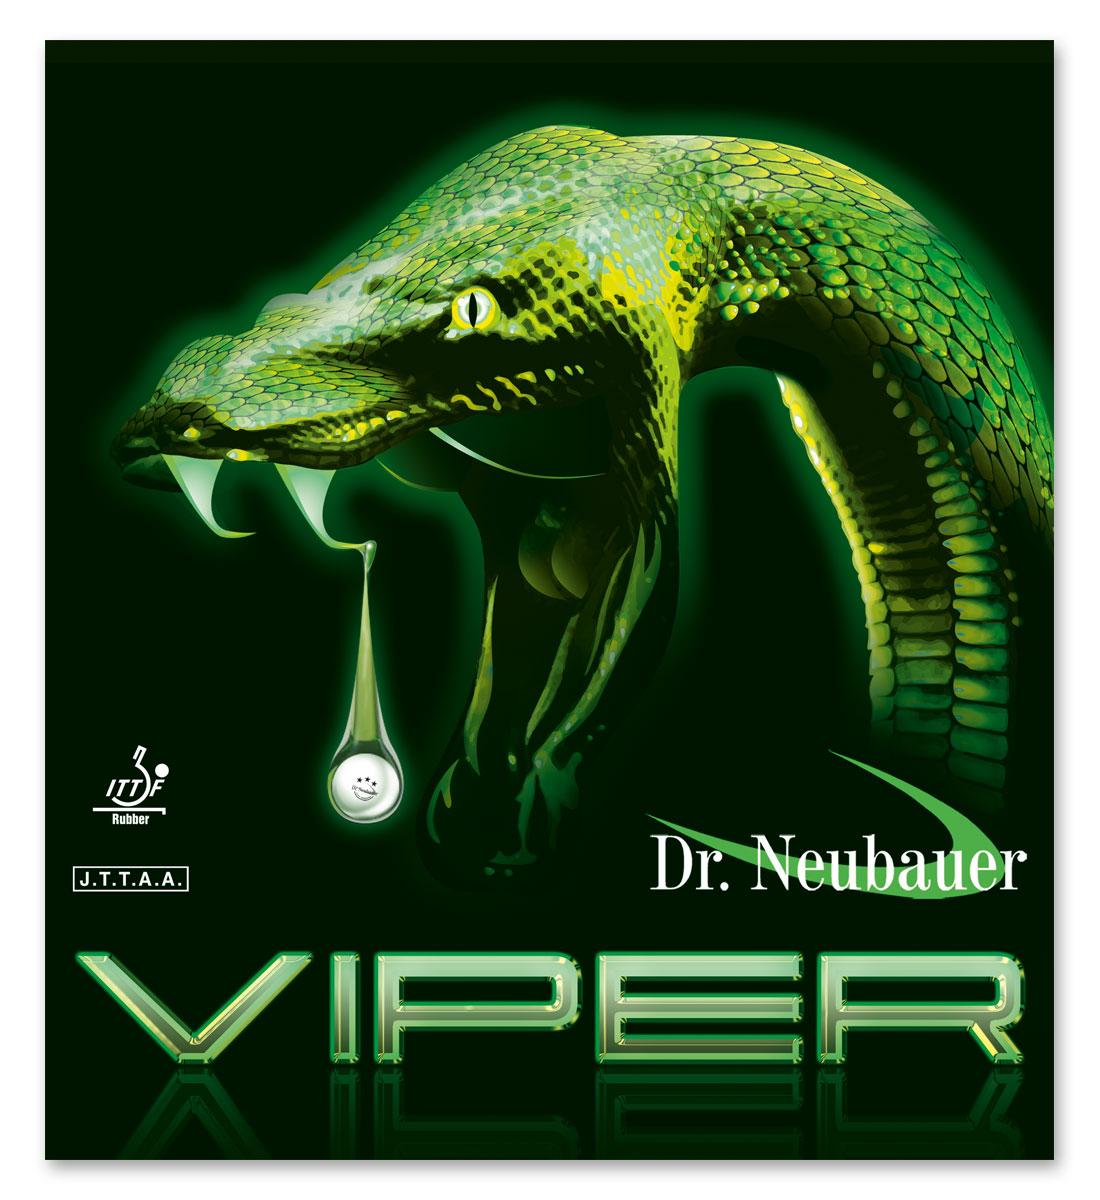 Dr. Neubauer Viper Rubber